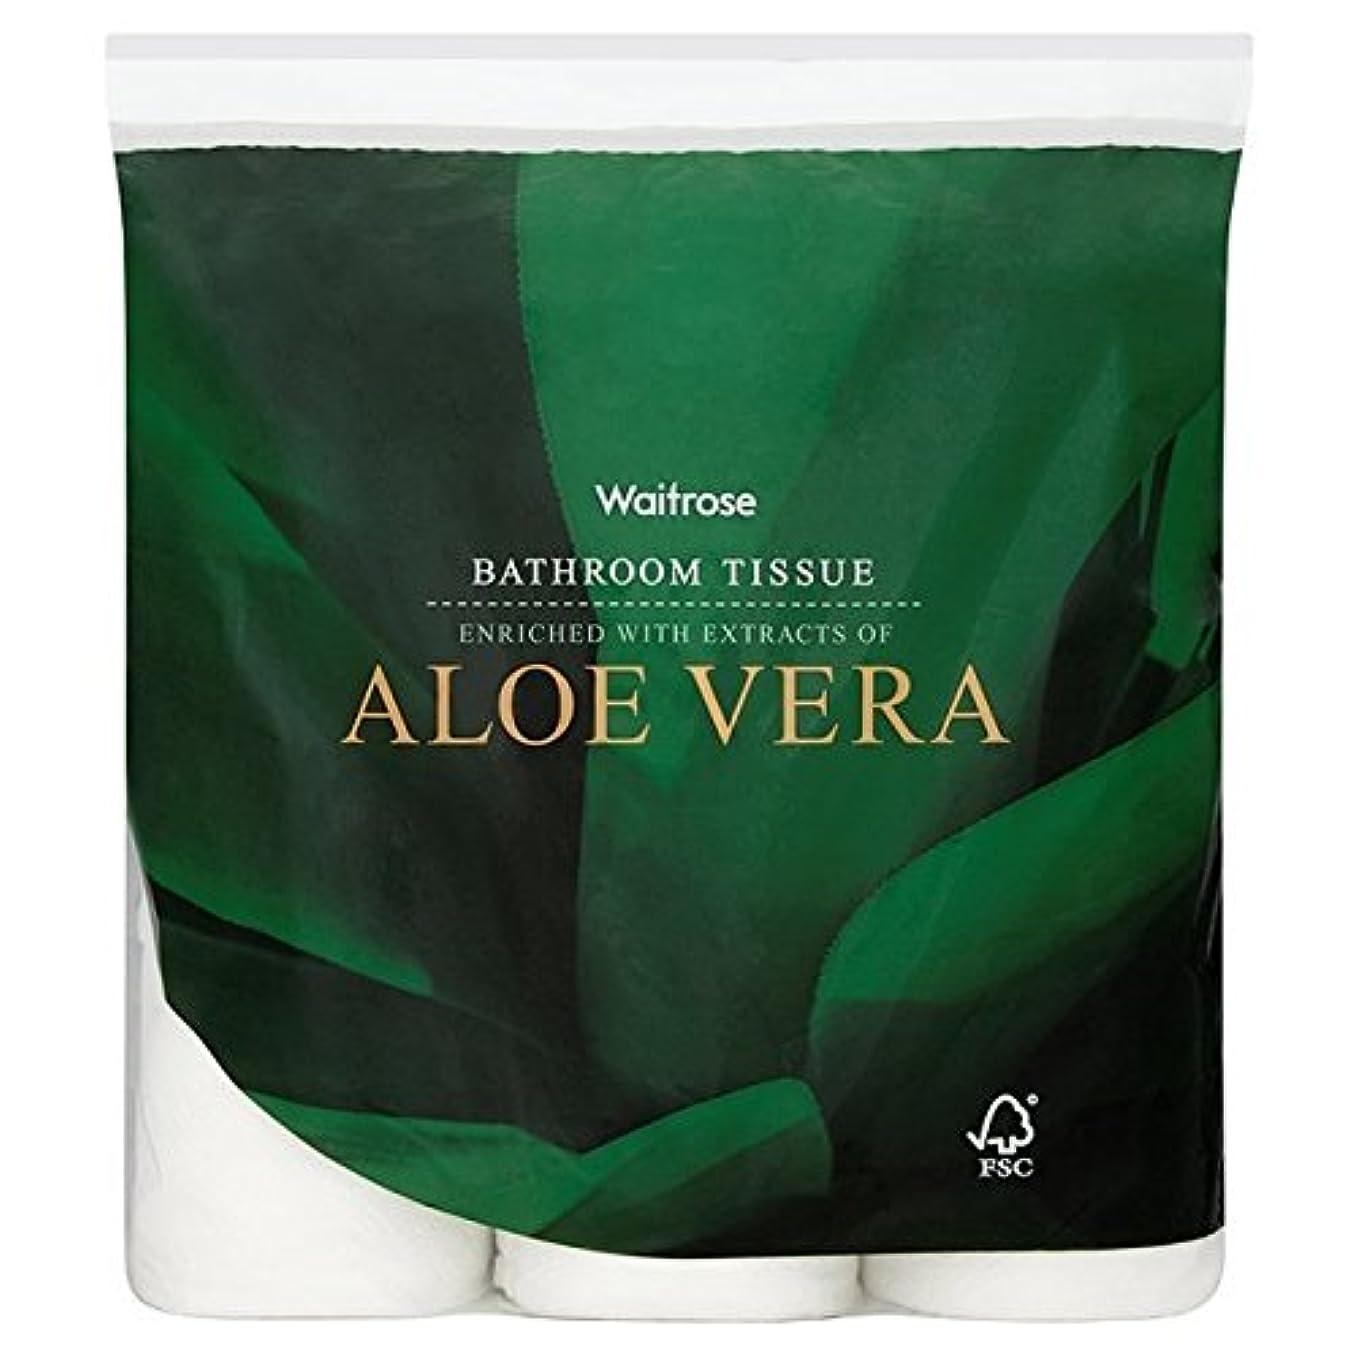 犯人ロビースライムパックあたりアロエベラ浴室組織白ウェイトローズ9 x4 - Aloe Vera Bathroom Tissue White Waitrose 9 per pack (Pack of 4) [並行輸入品]